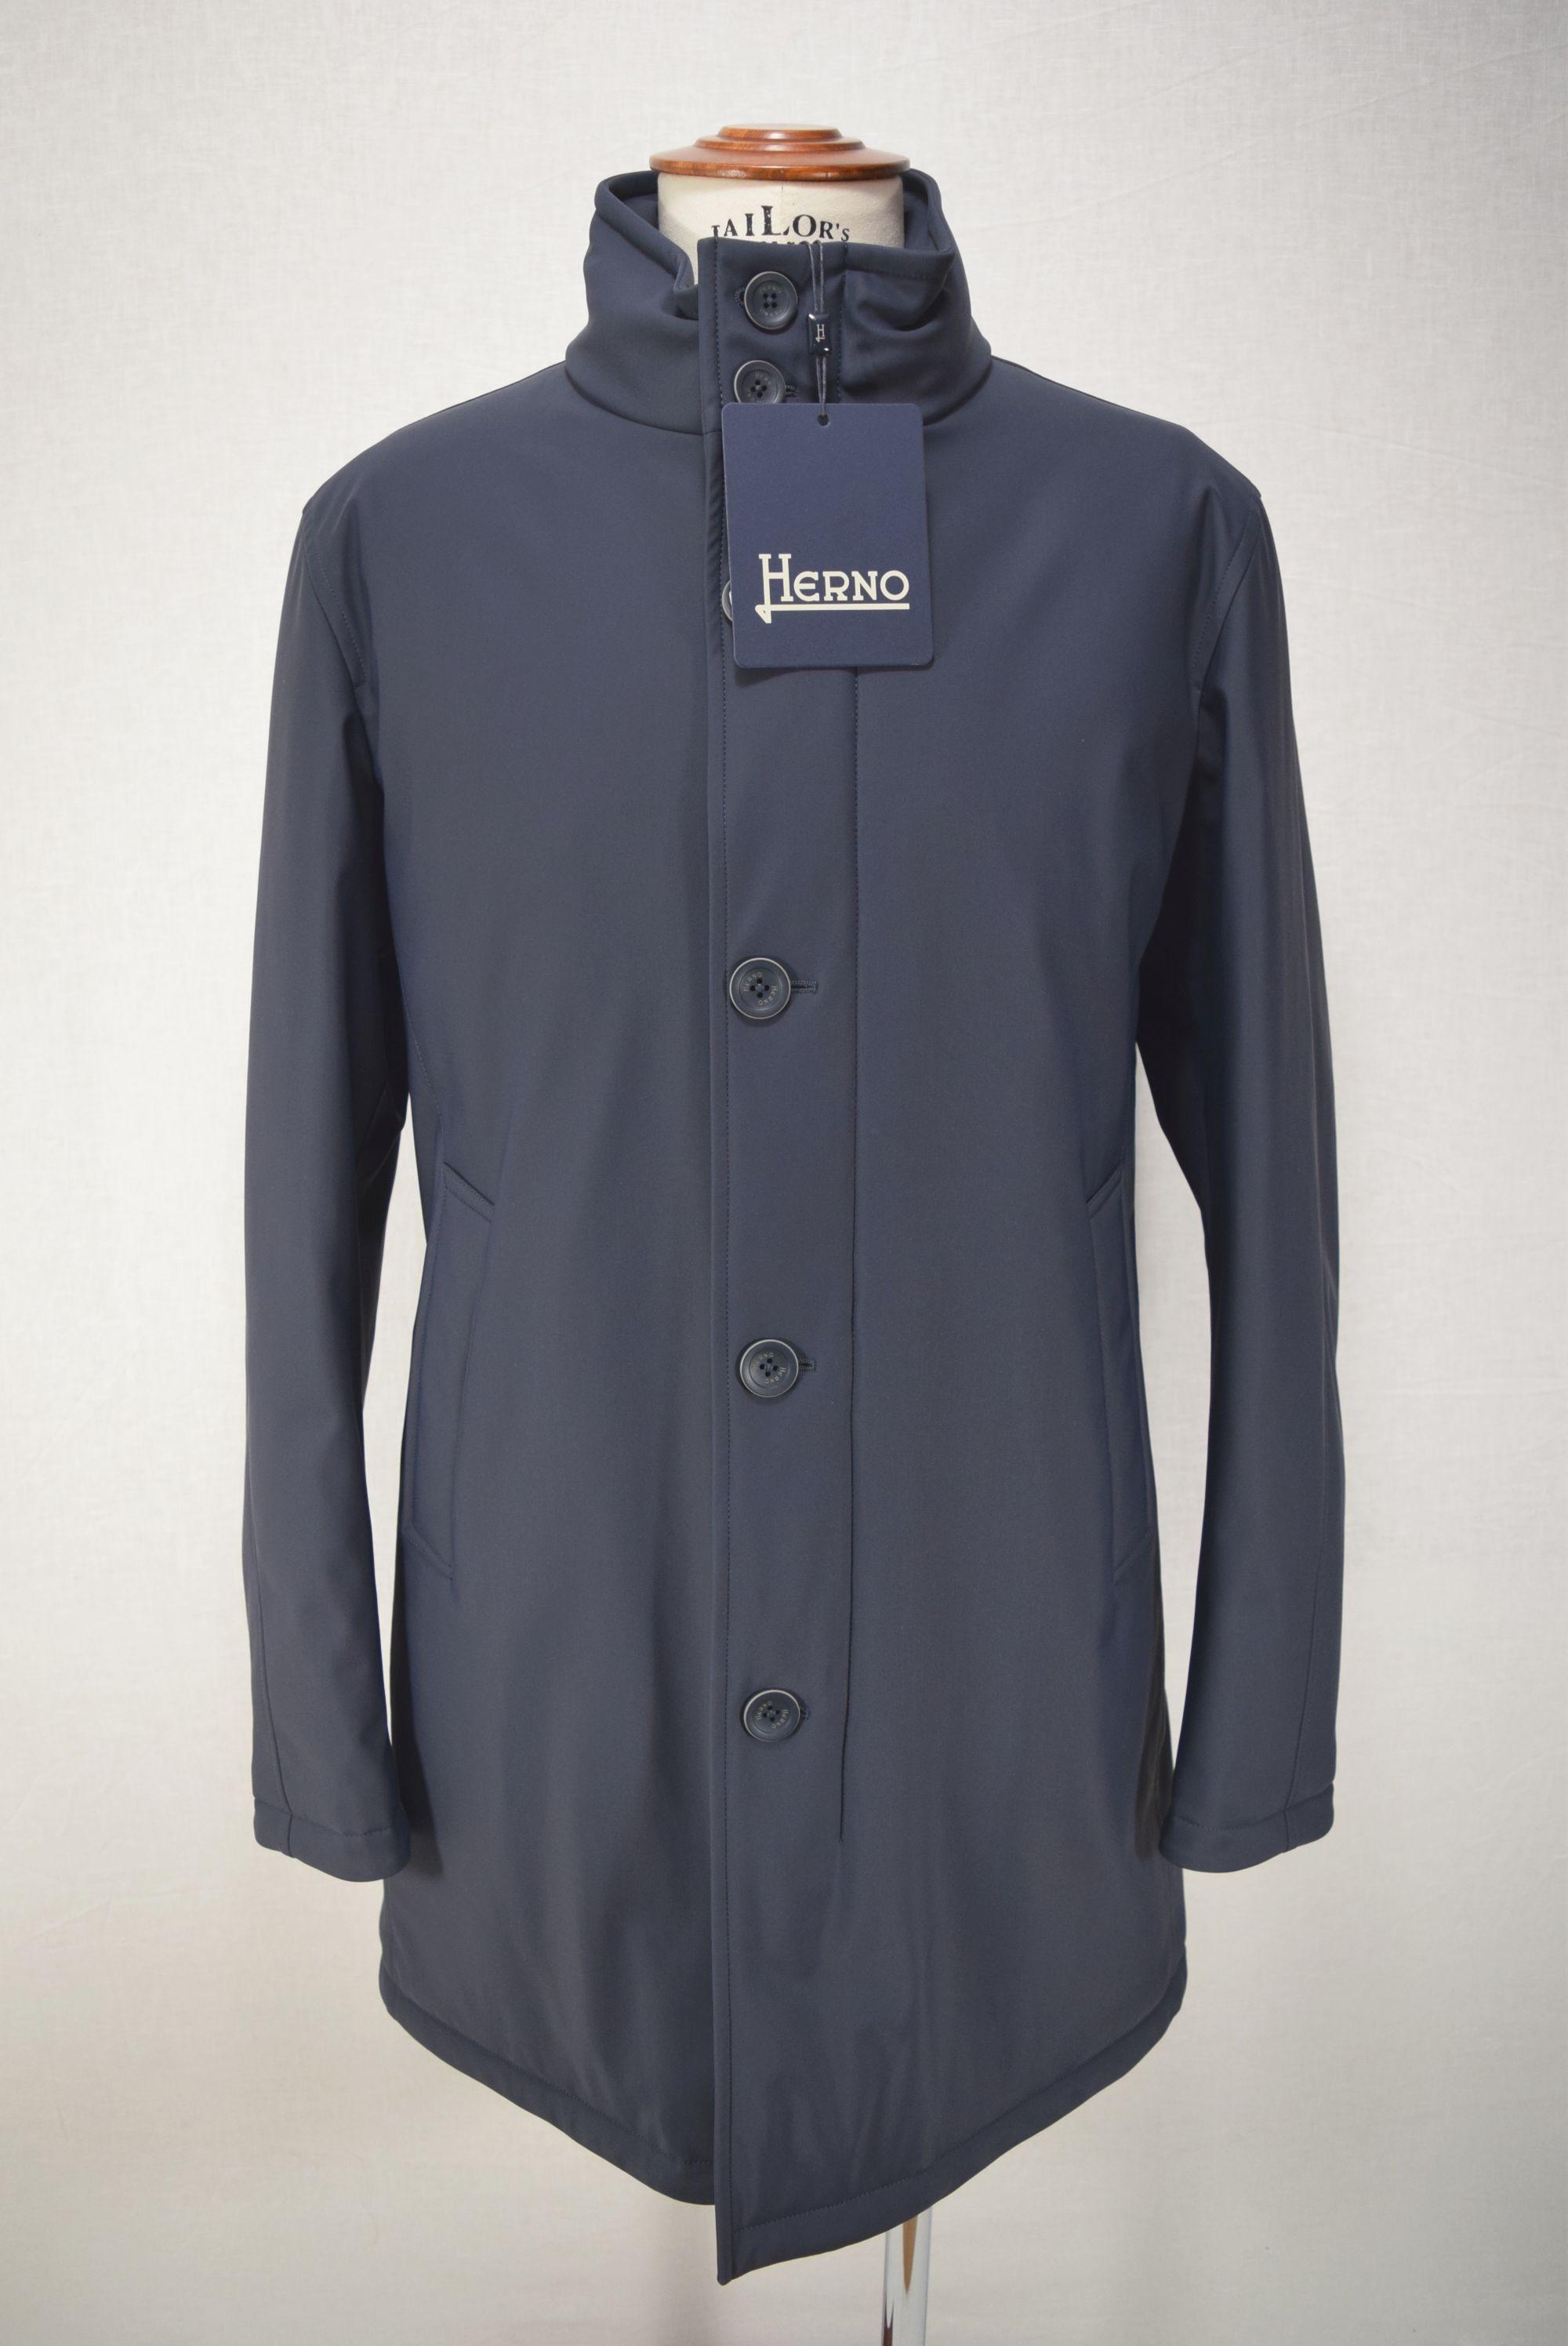 HERNO giaccone LUNGO cappotto uomo IMPERMEABILE imbottito blu A I ... 88c20400408